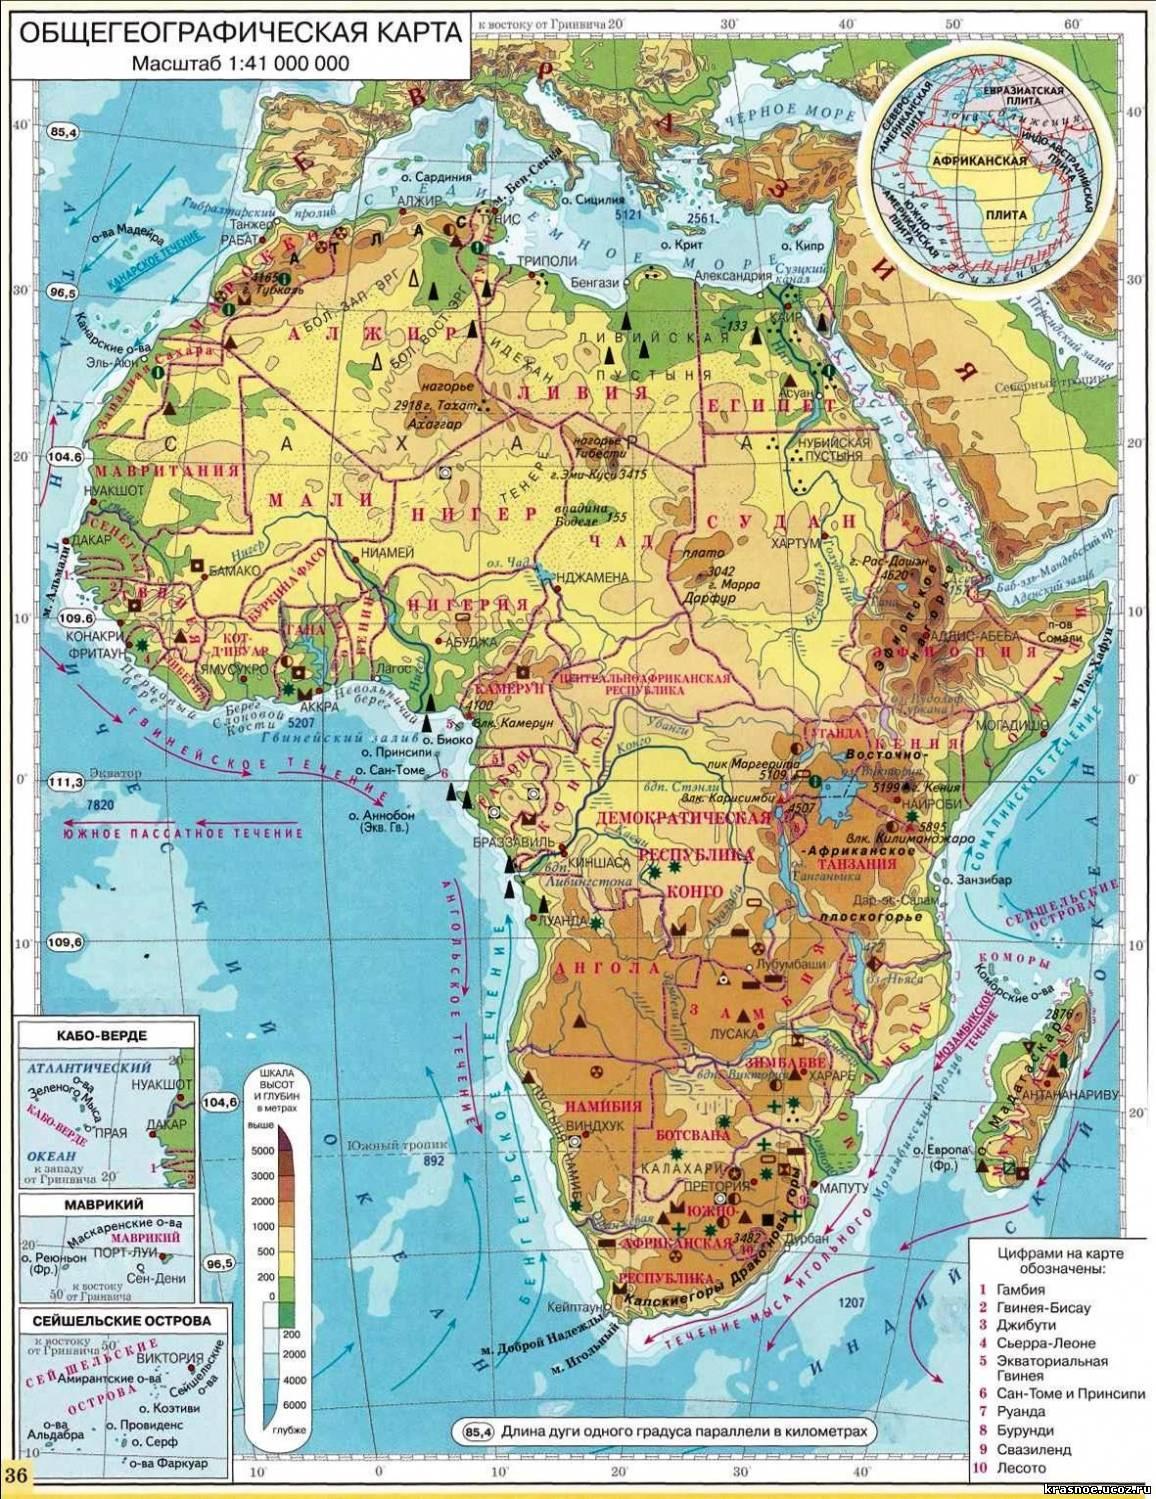 Африка - Географические карты - География - Каталог файлов ...: http://krasnoe.ucoz.ru/load/geografija/afrika/9-1-0-229